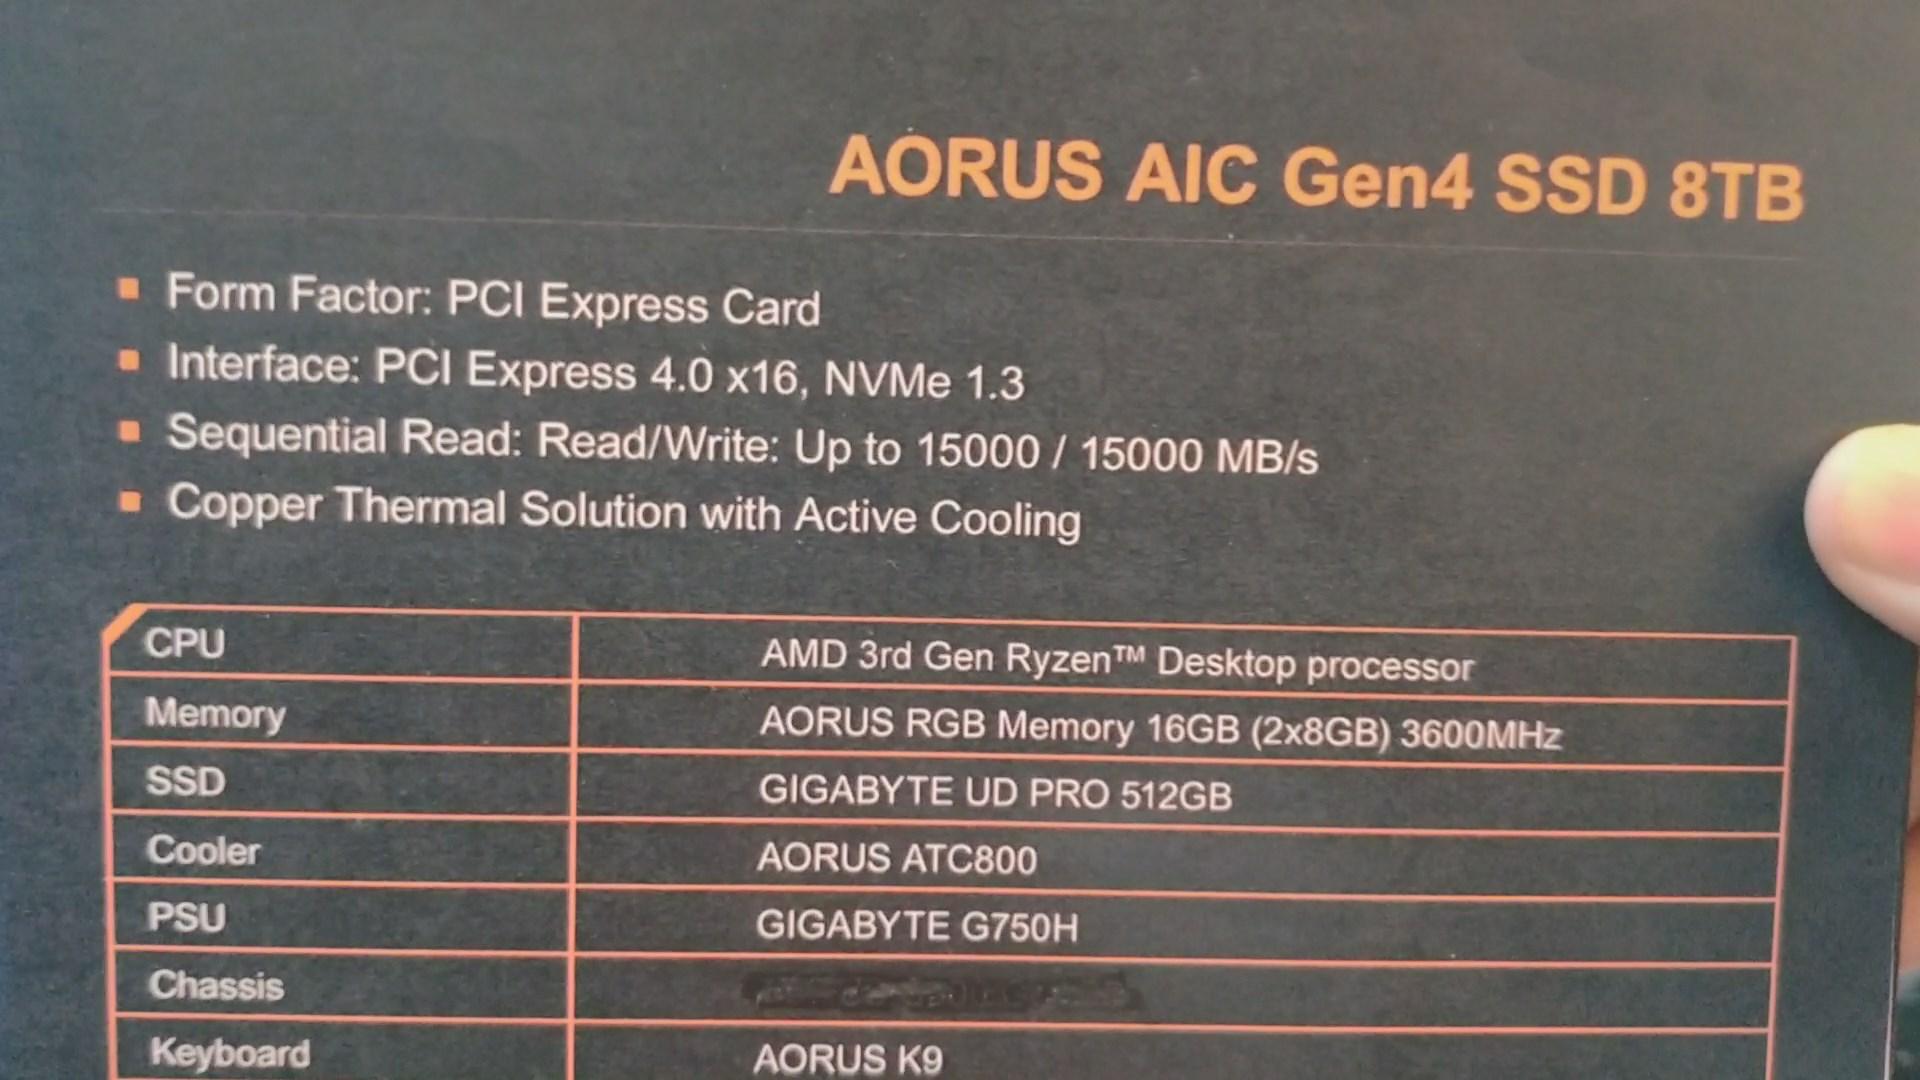 AORUS AIC Gen4 SSD 8TB at Computex 2019 10